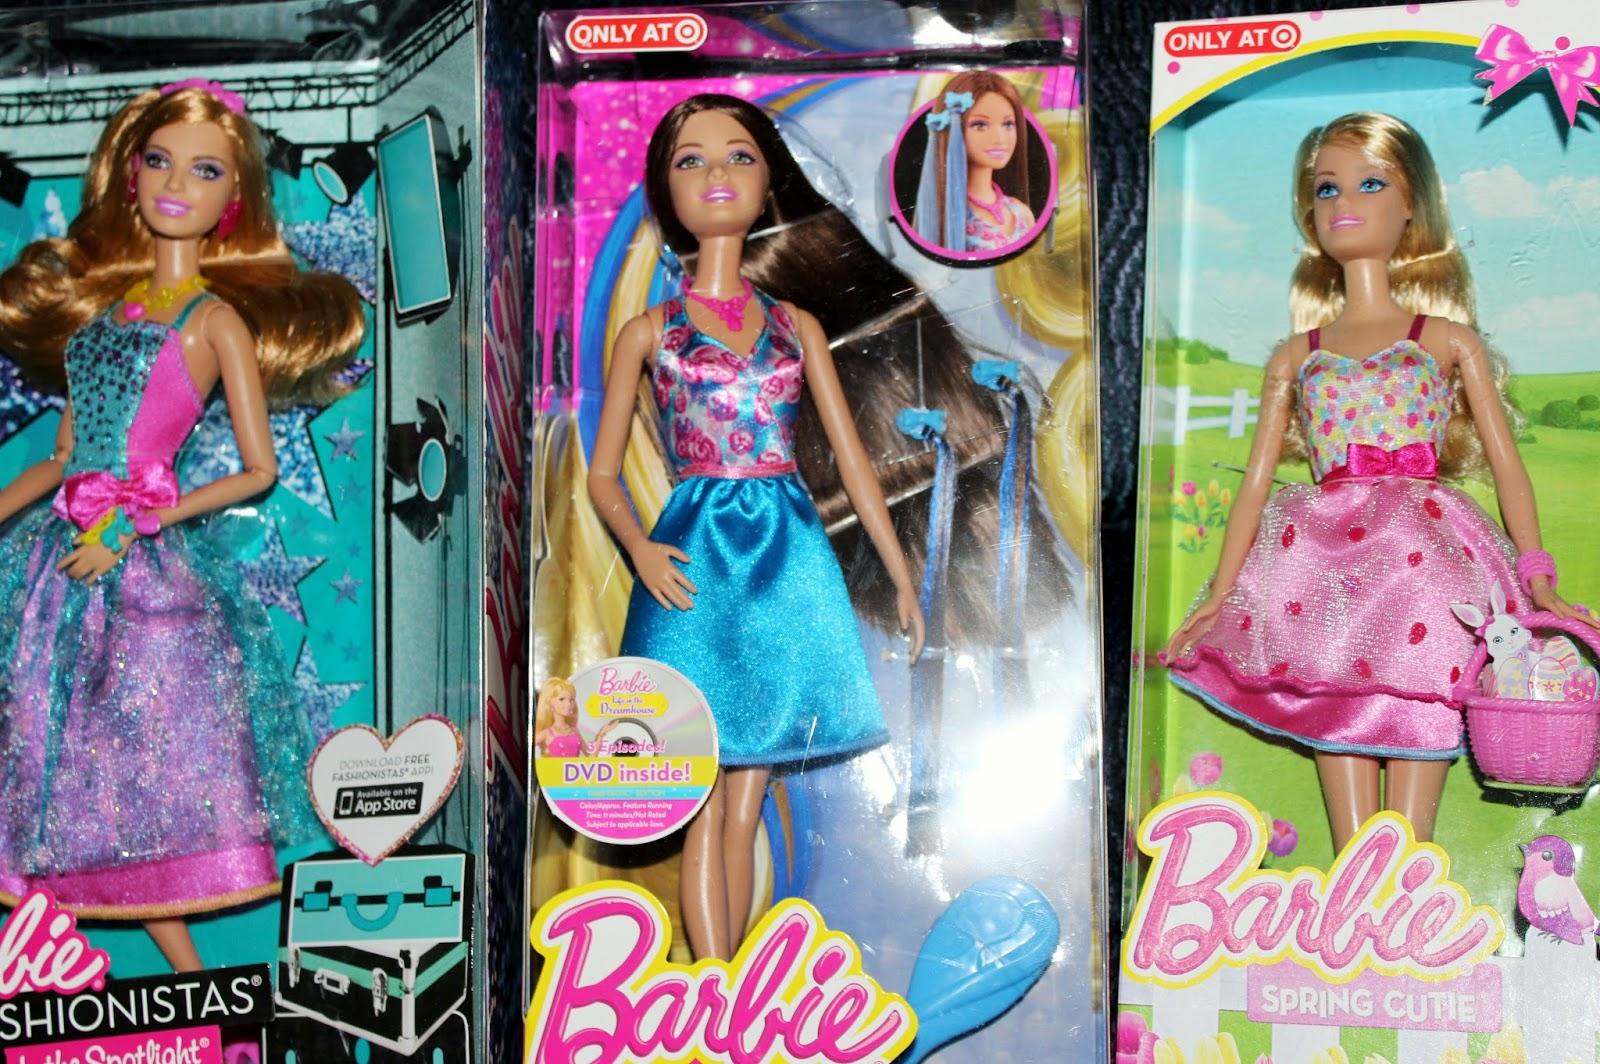 Diga tudo o que achou da postagem isso é importante para o Blog Ken  #993274 1600x1064 Banheiro Da Barbie Lojas Americanas